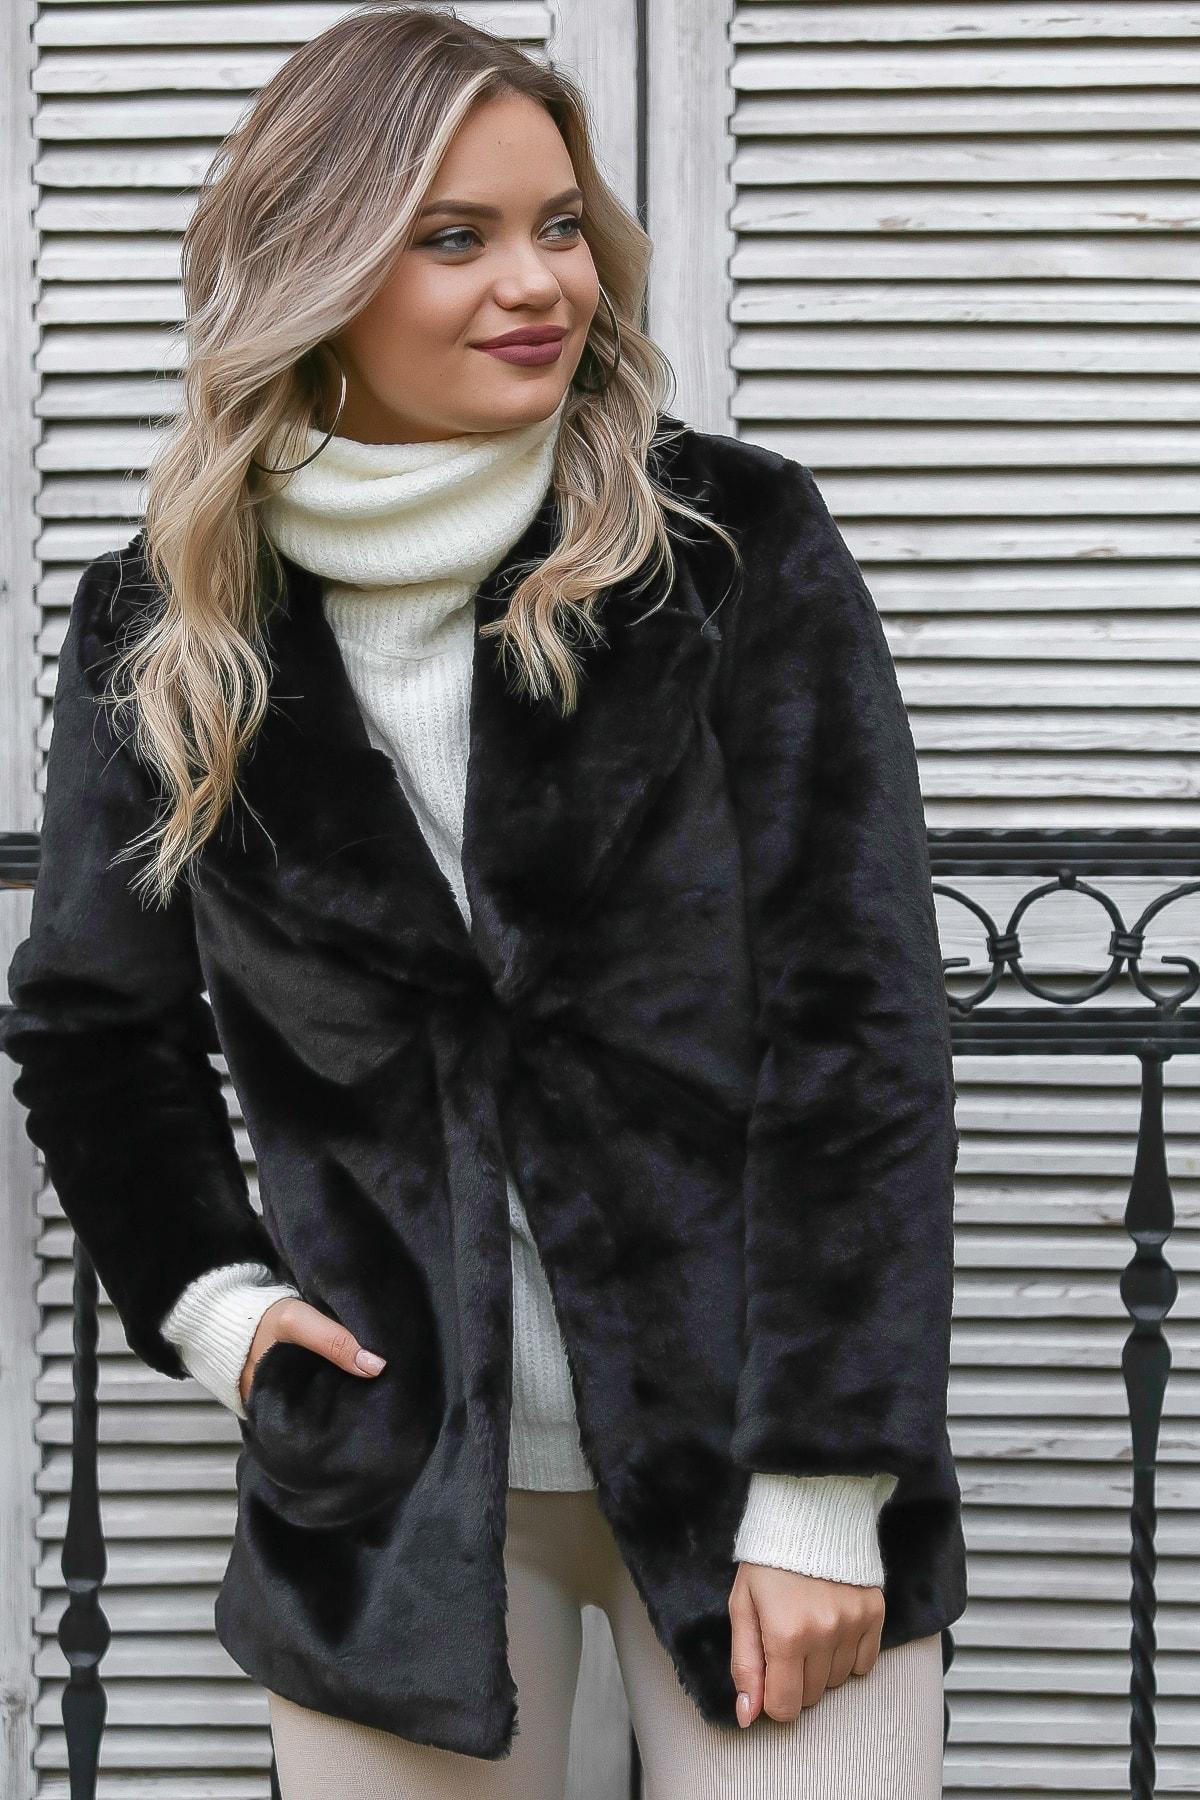 Chiccy Kadın Siyah Ceket Yaka Agraf Kapamalı Astarlı Pelüş Ceket M10210200KA99818